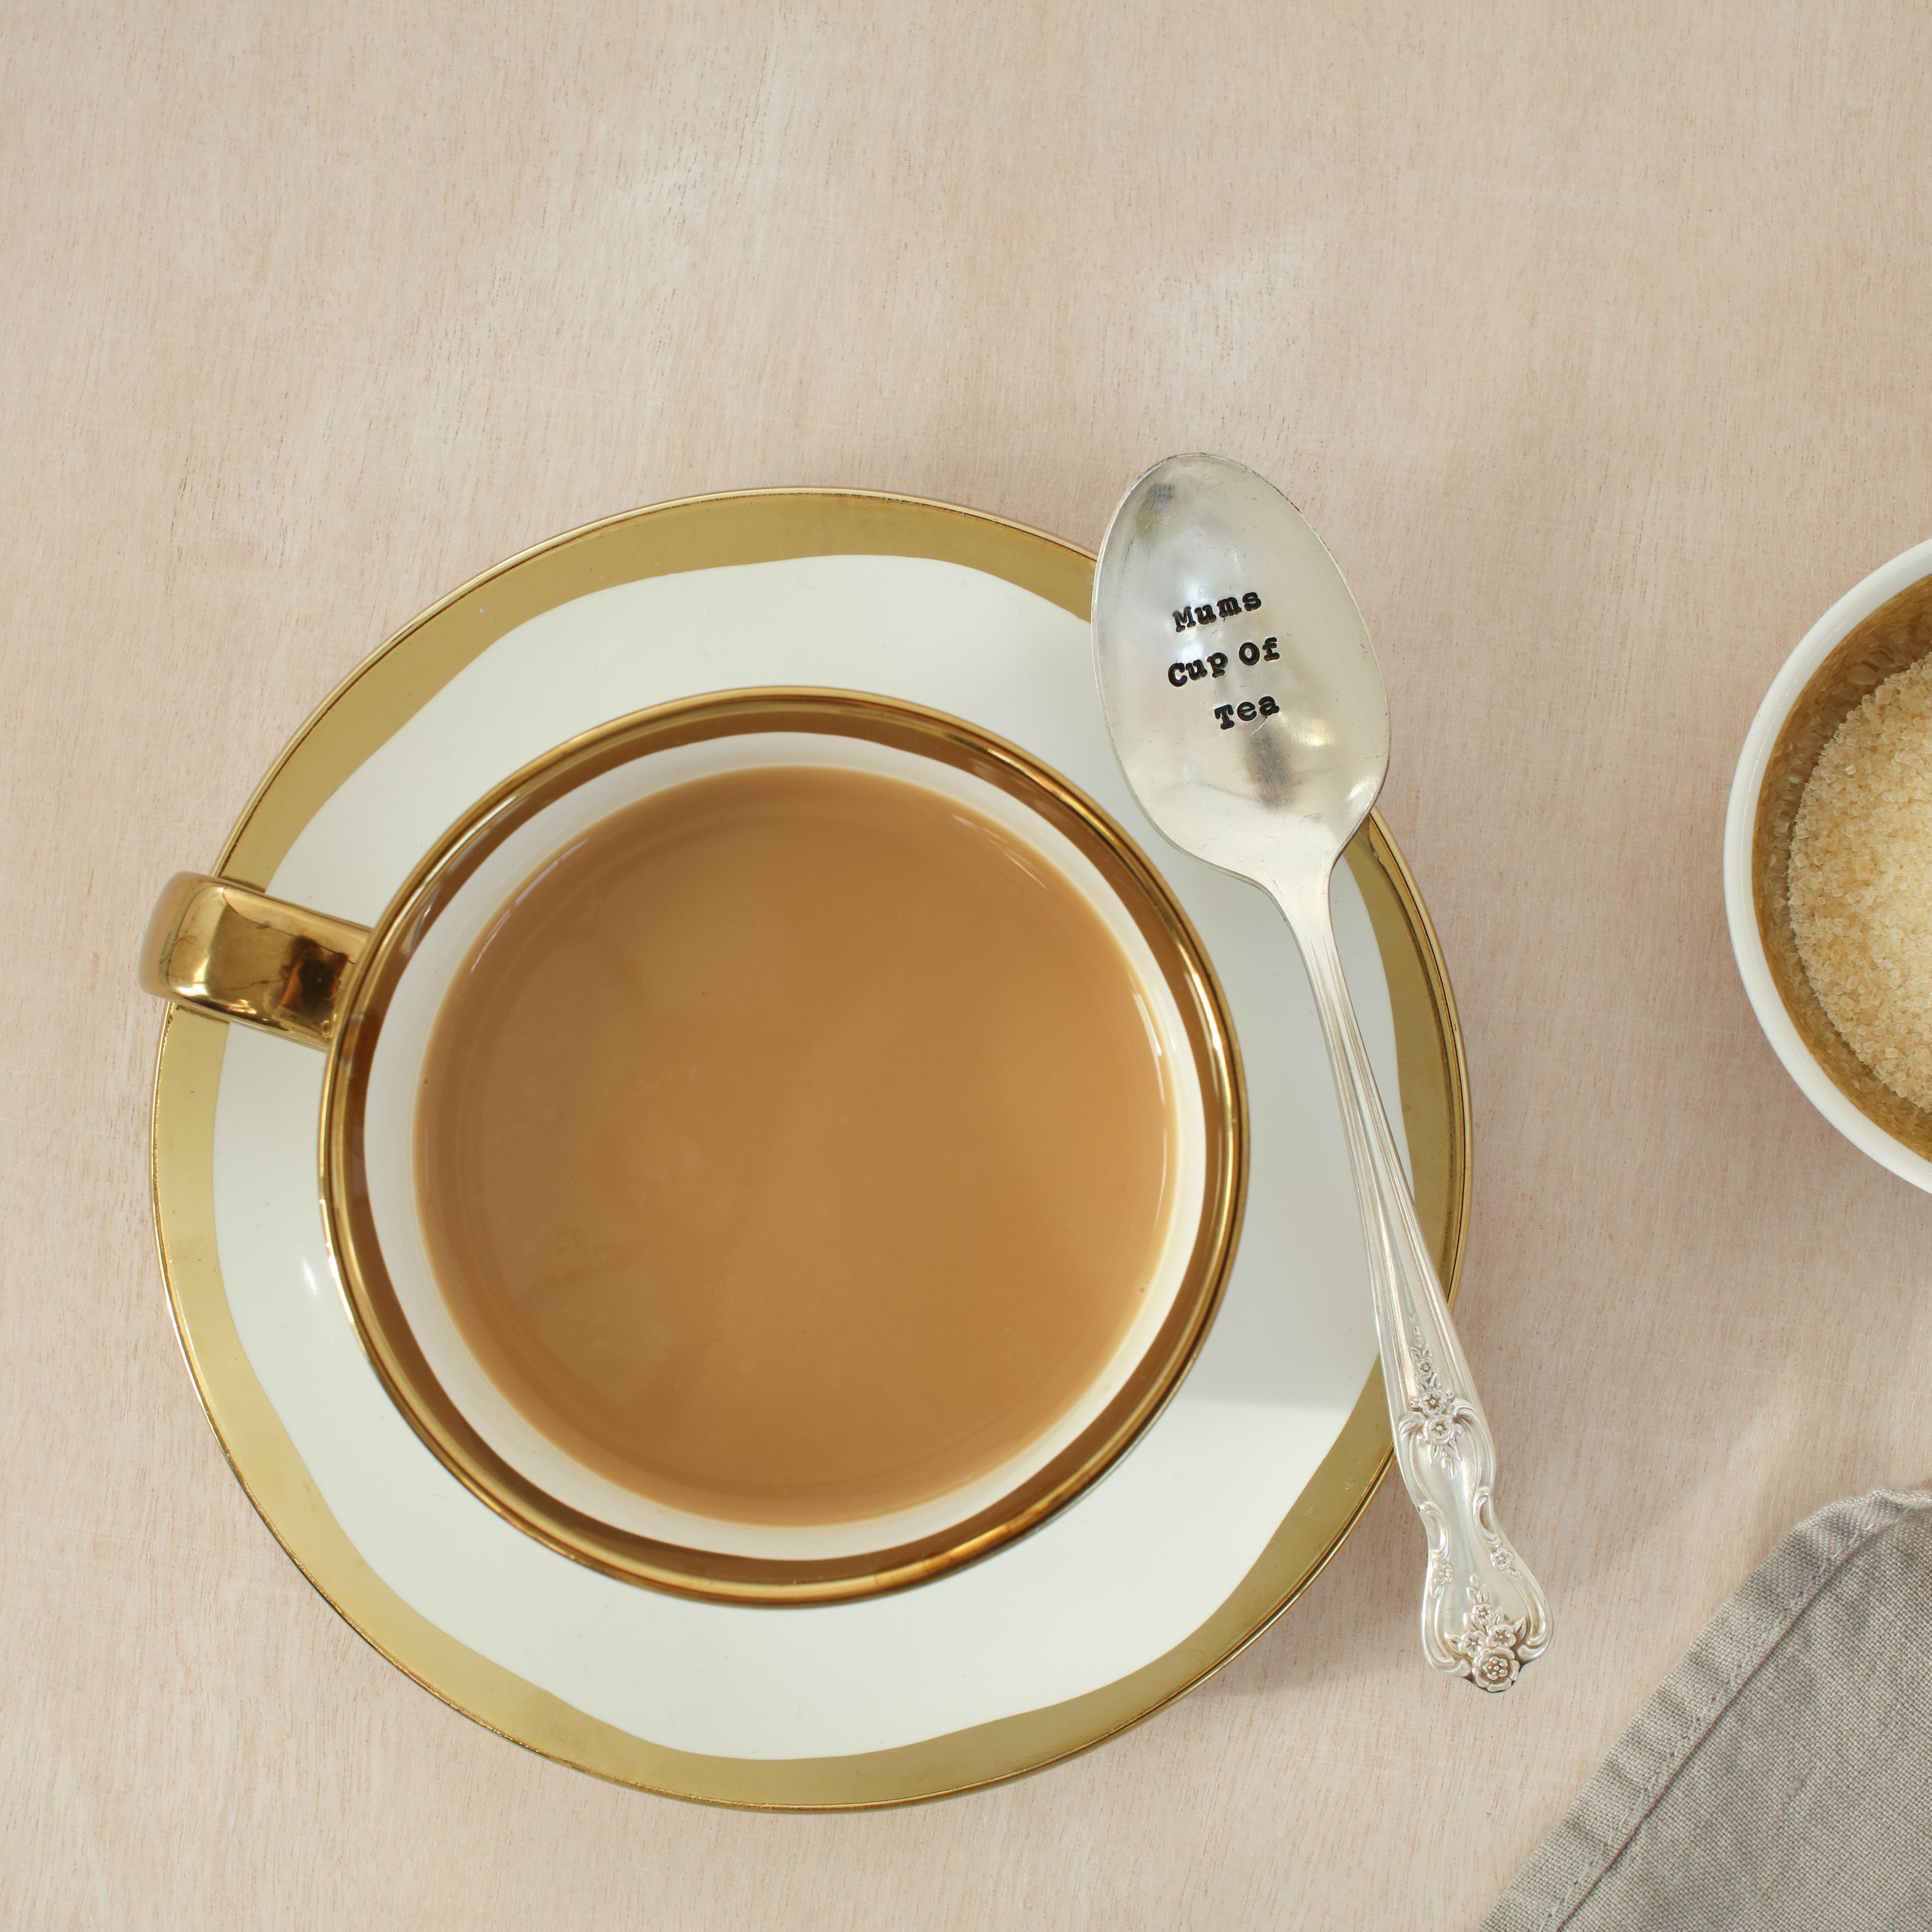 Teaspoon – 'Mums Cup Of Tea'